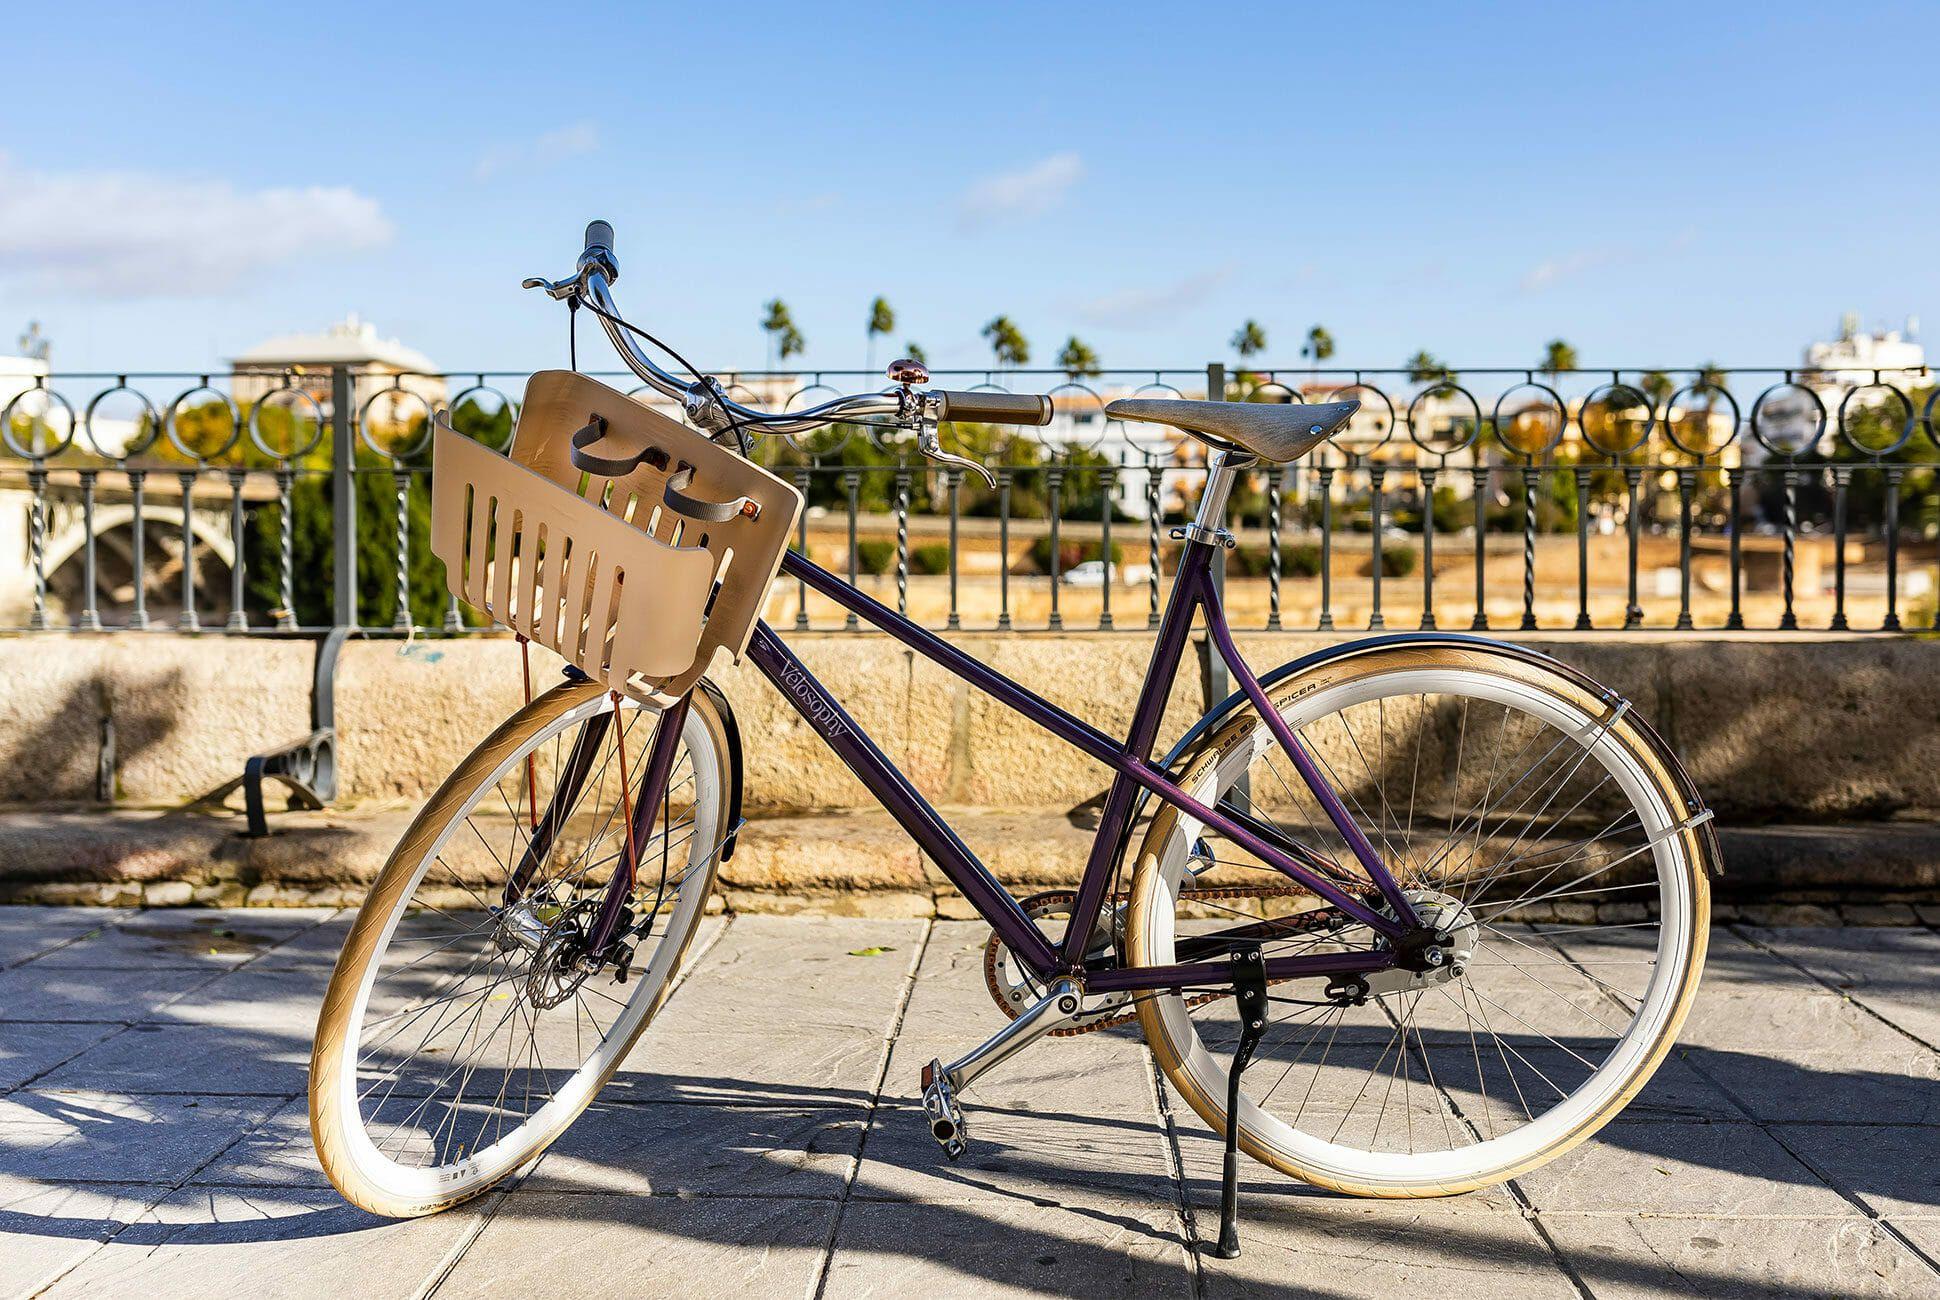 Velosophy-Re-Cycle-Nespresso-Bike-gear-patrol-slide-1